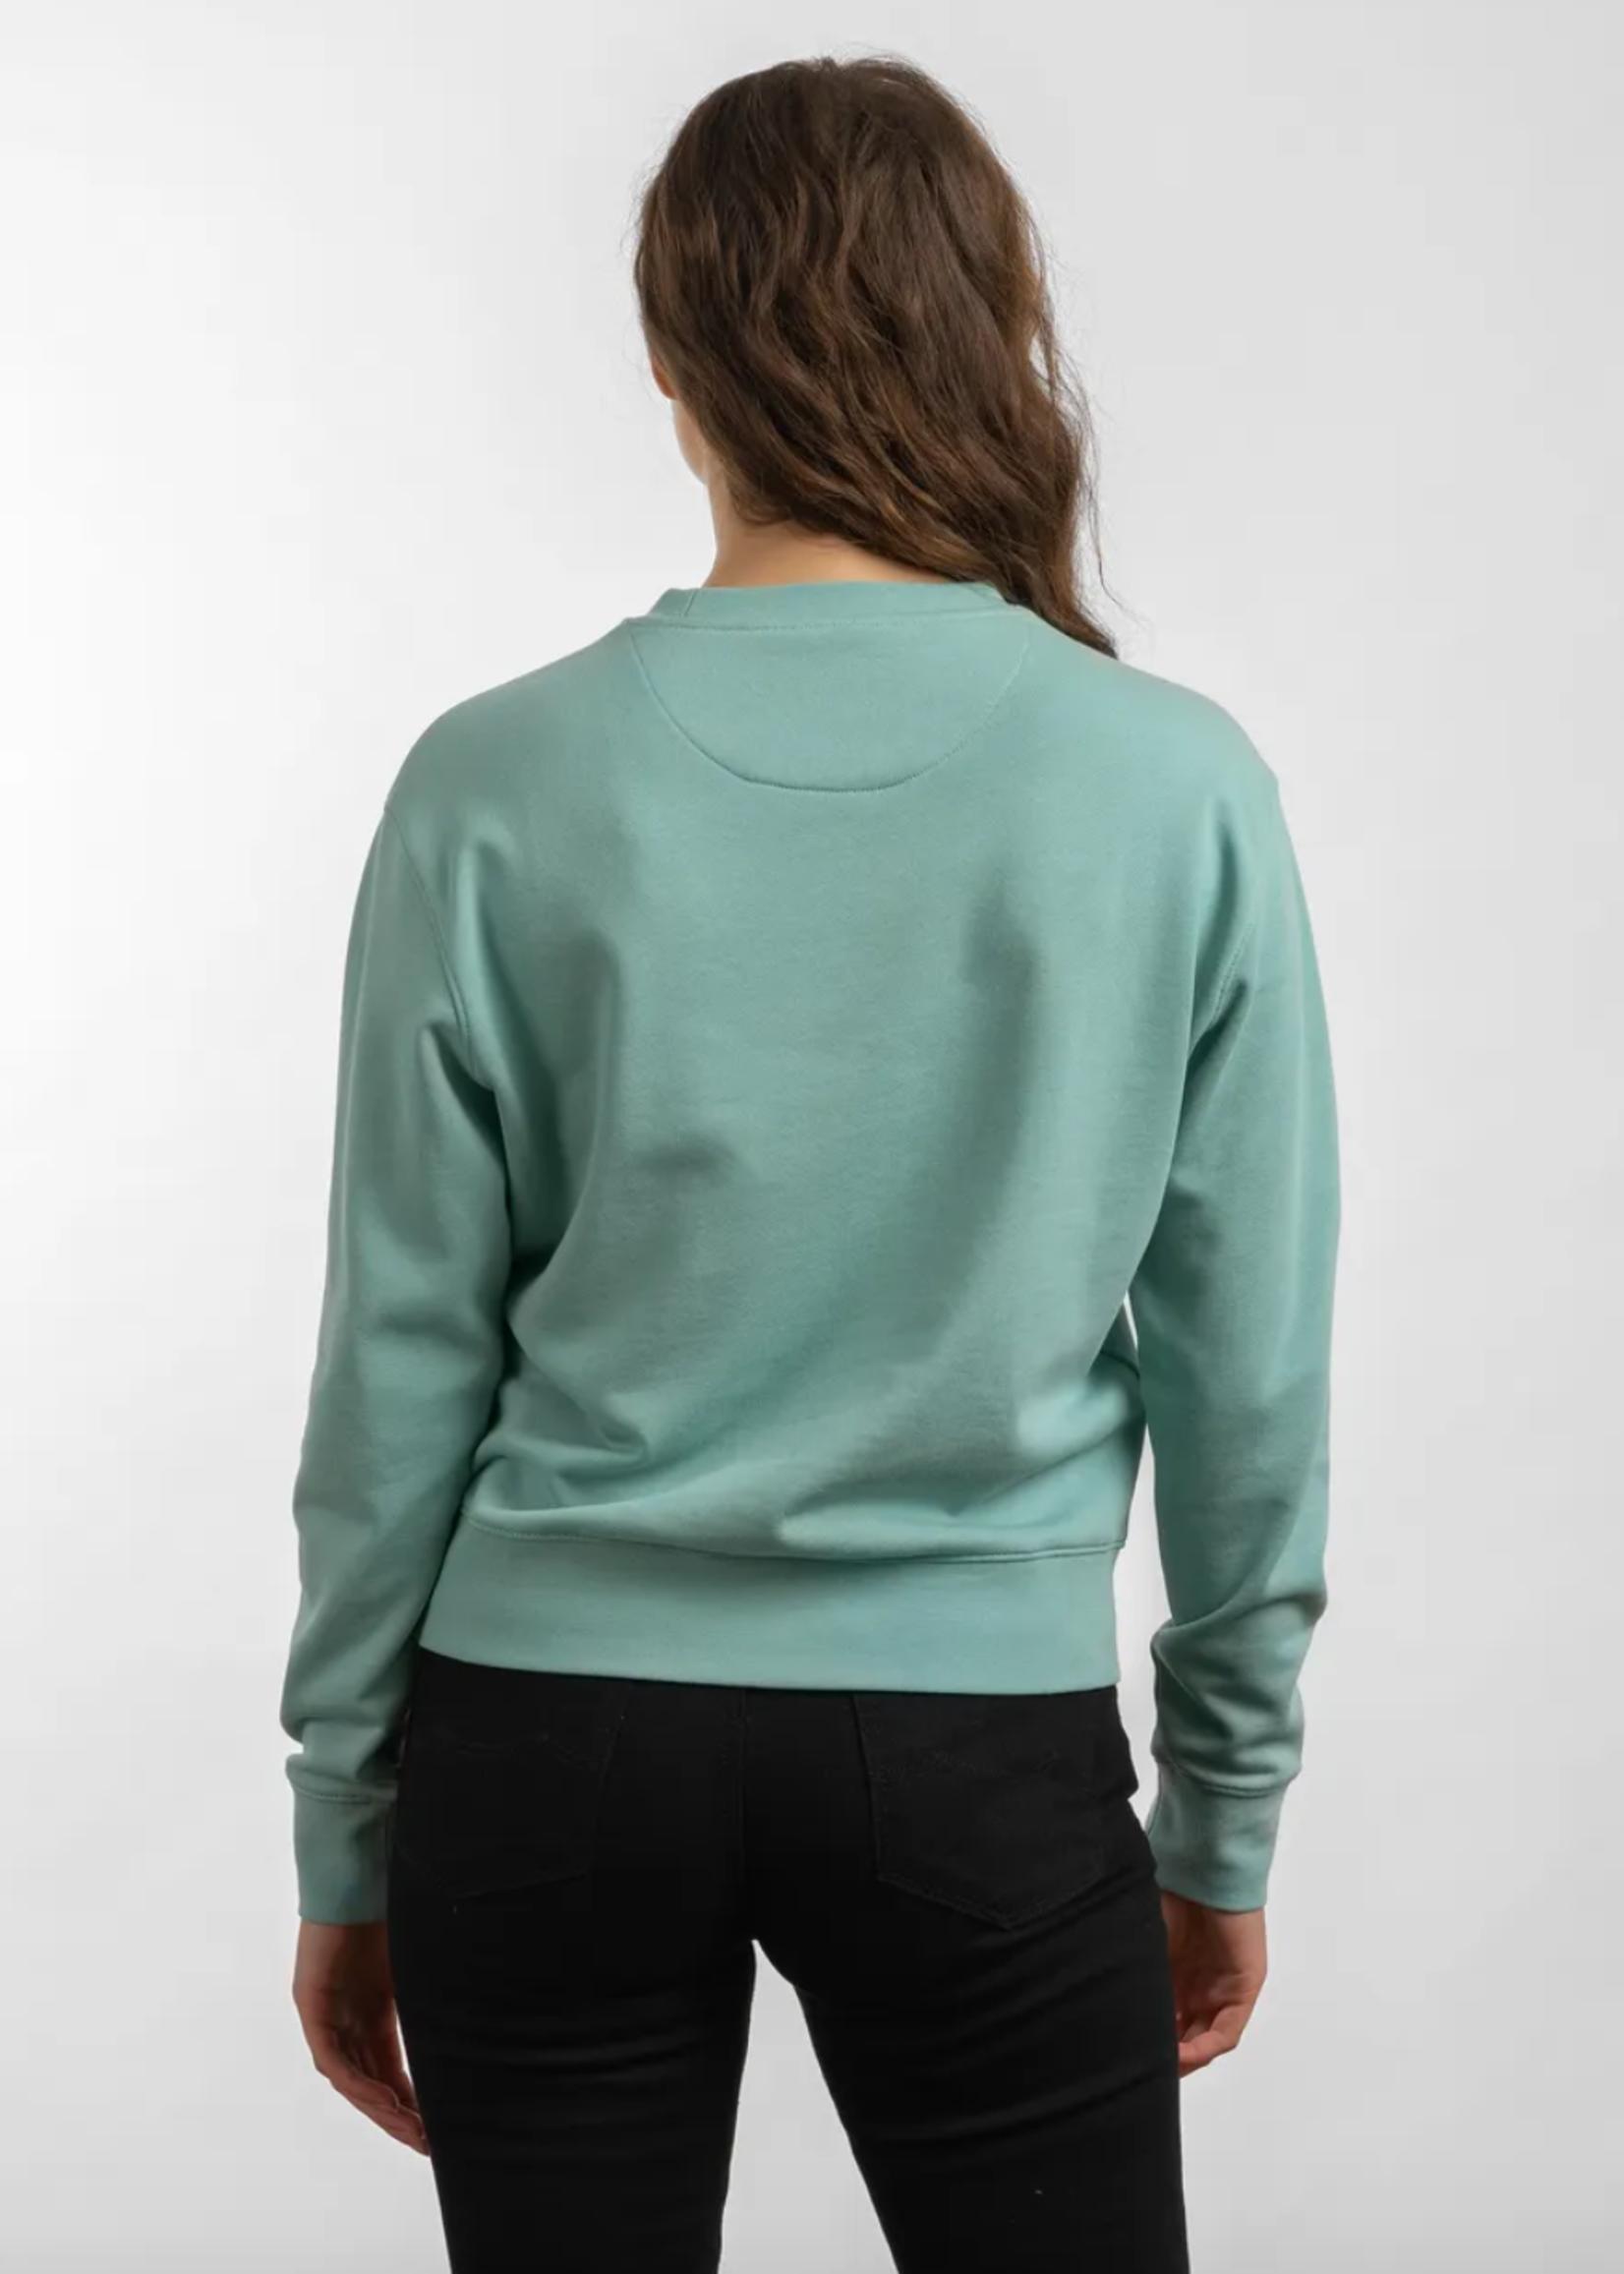 A-dam Aletta Sweater